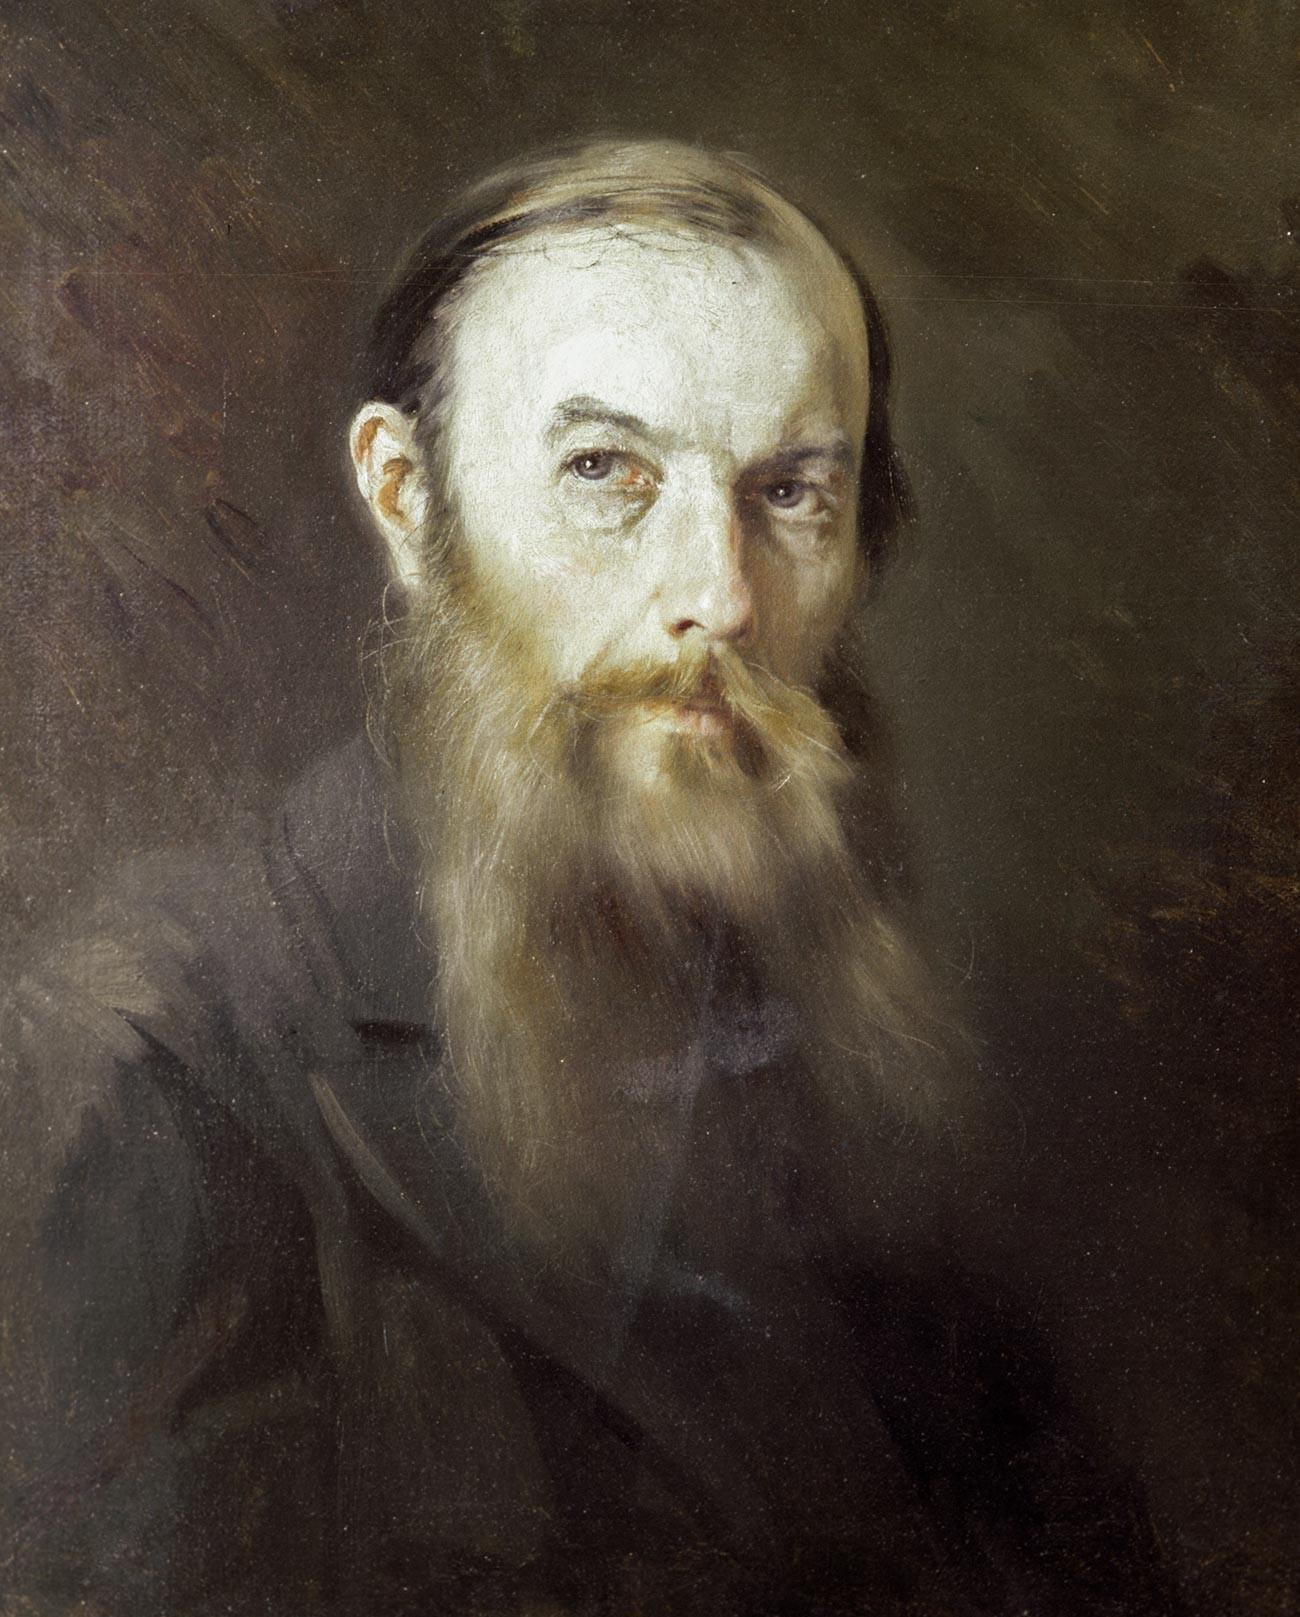 Репродукциja слике М. Шчербатова из колекциje музеja Ф. Достојевског